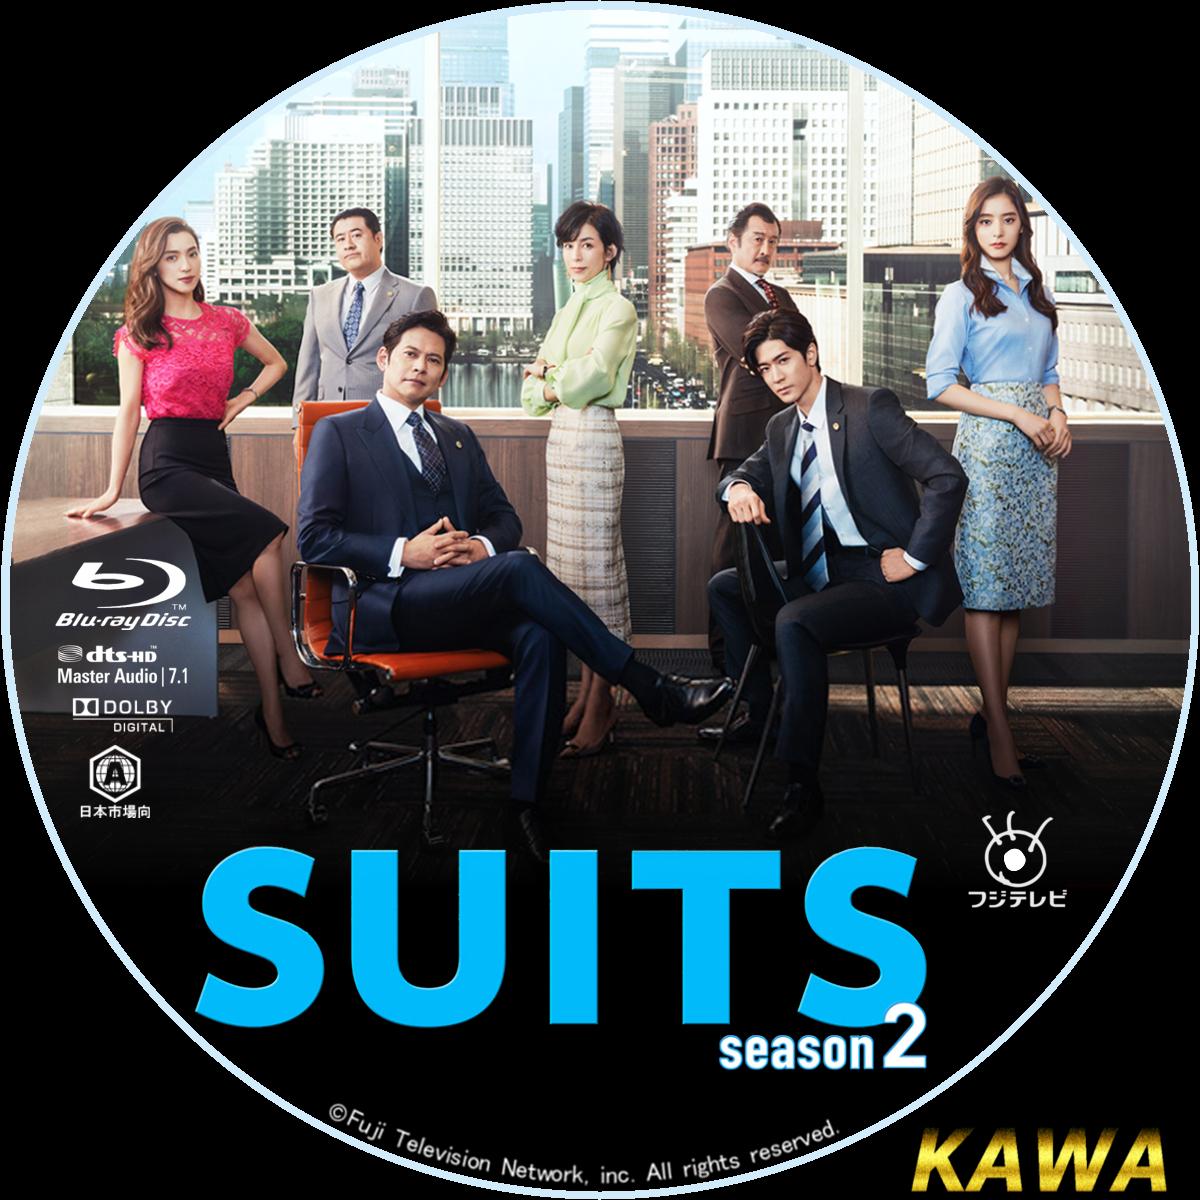 2 スーツ